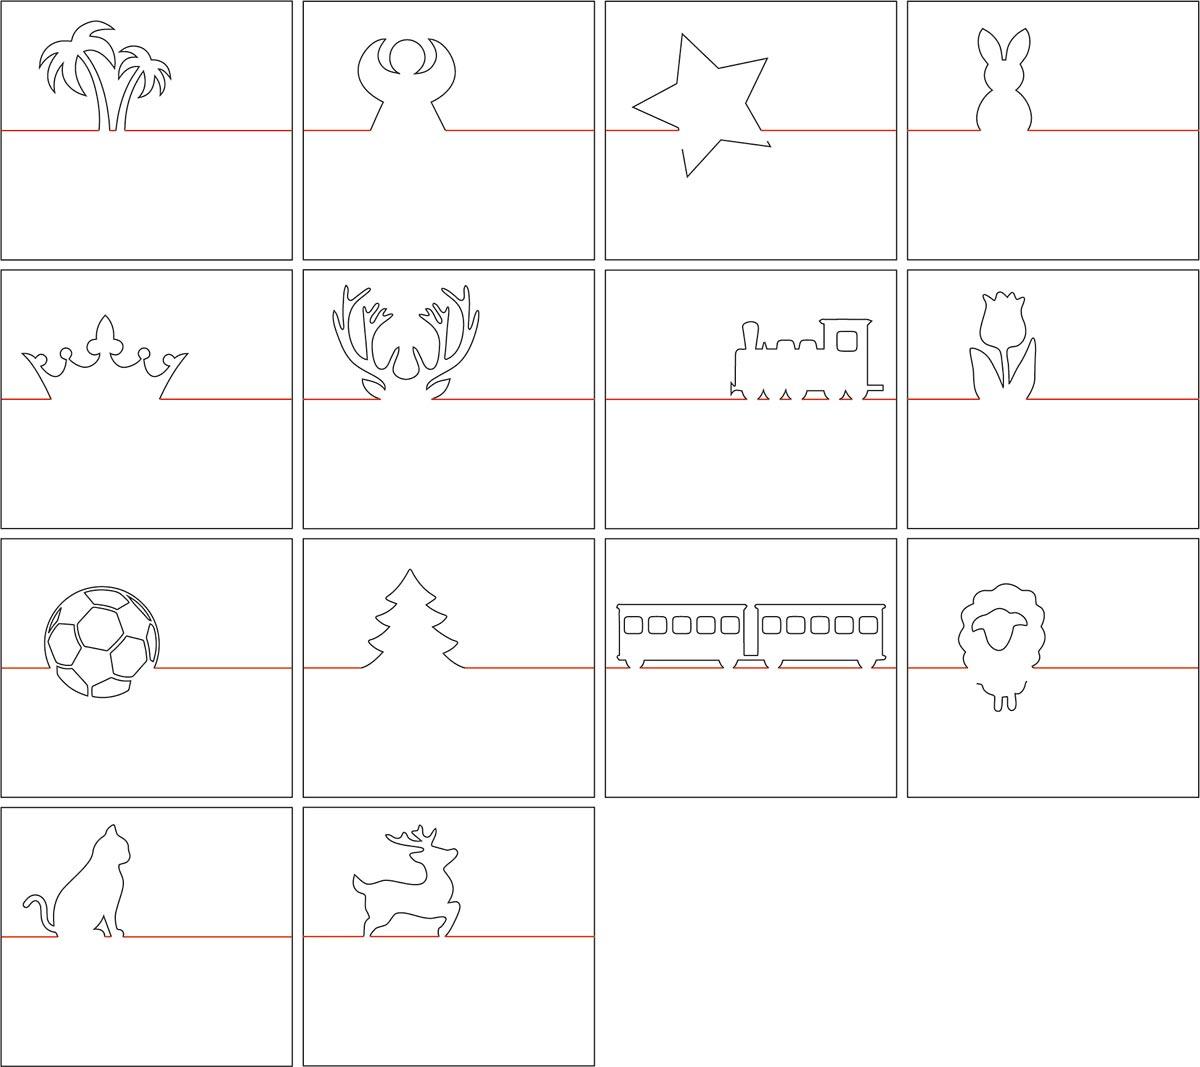 14 Motive für Tischkärtchen sind im Download-Paket - passend für Ostern, Weihnachten, Kindergeburtstage uvm.